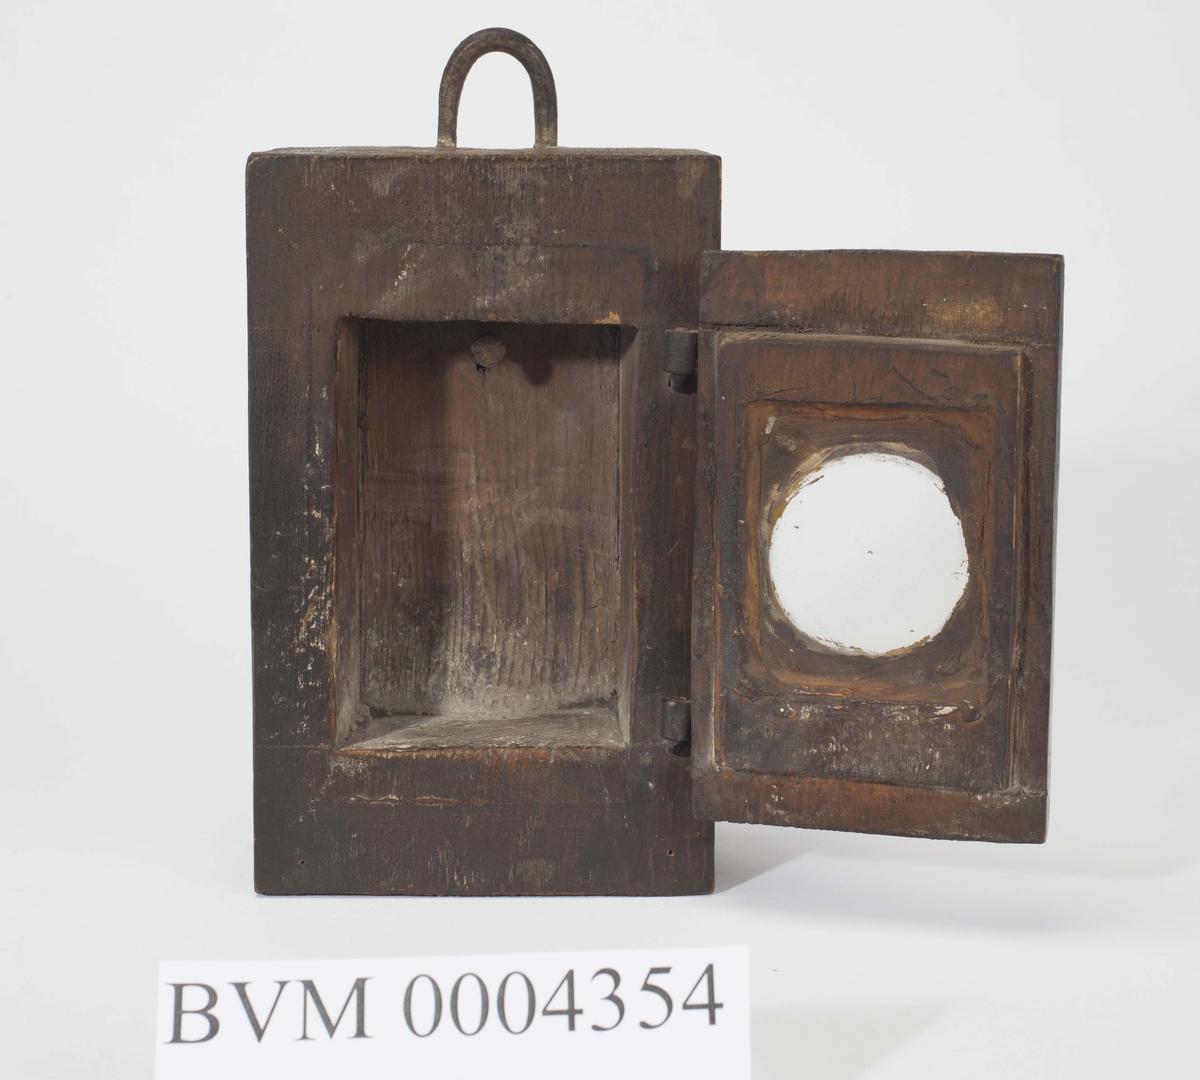 Kasse for oppbevaring av oppholdsuret. Grovt uthula trekloss med ei dør med glass i. Her hang uret.